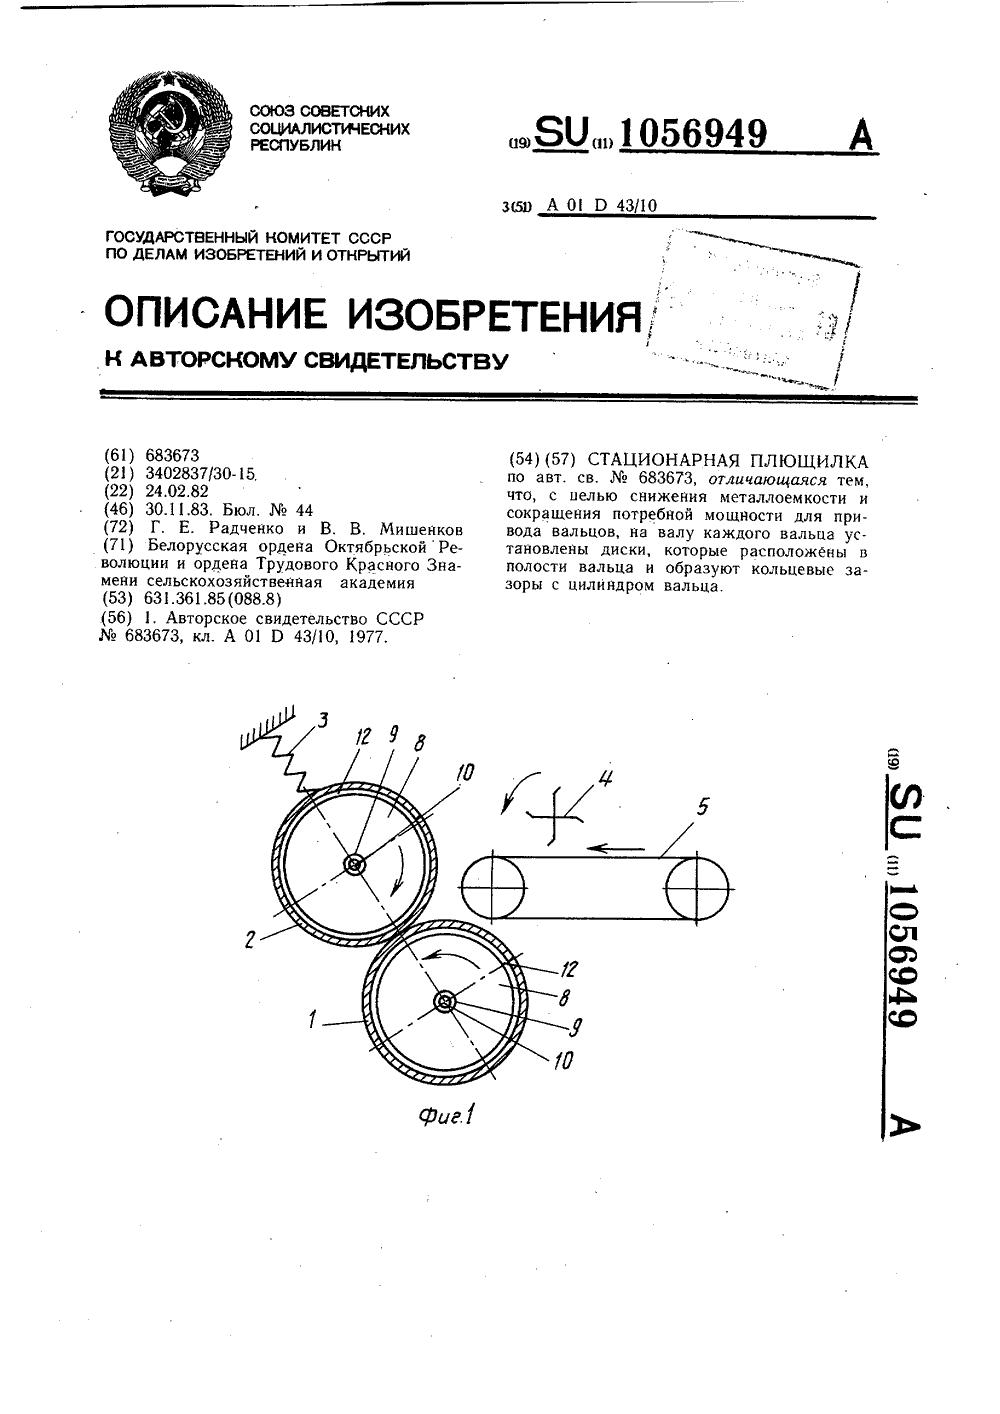 механическая схема плющилки